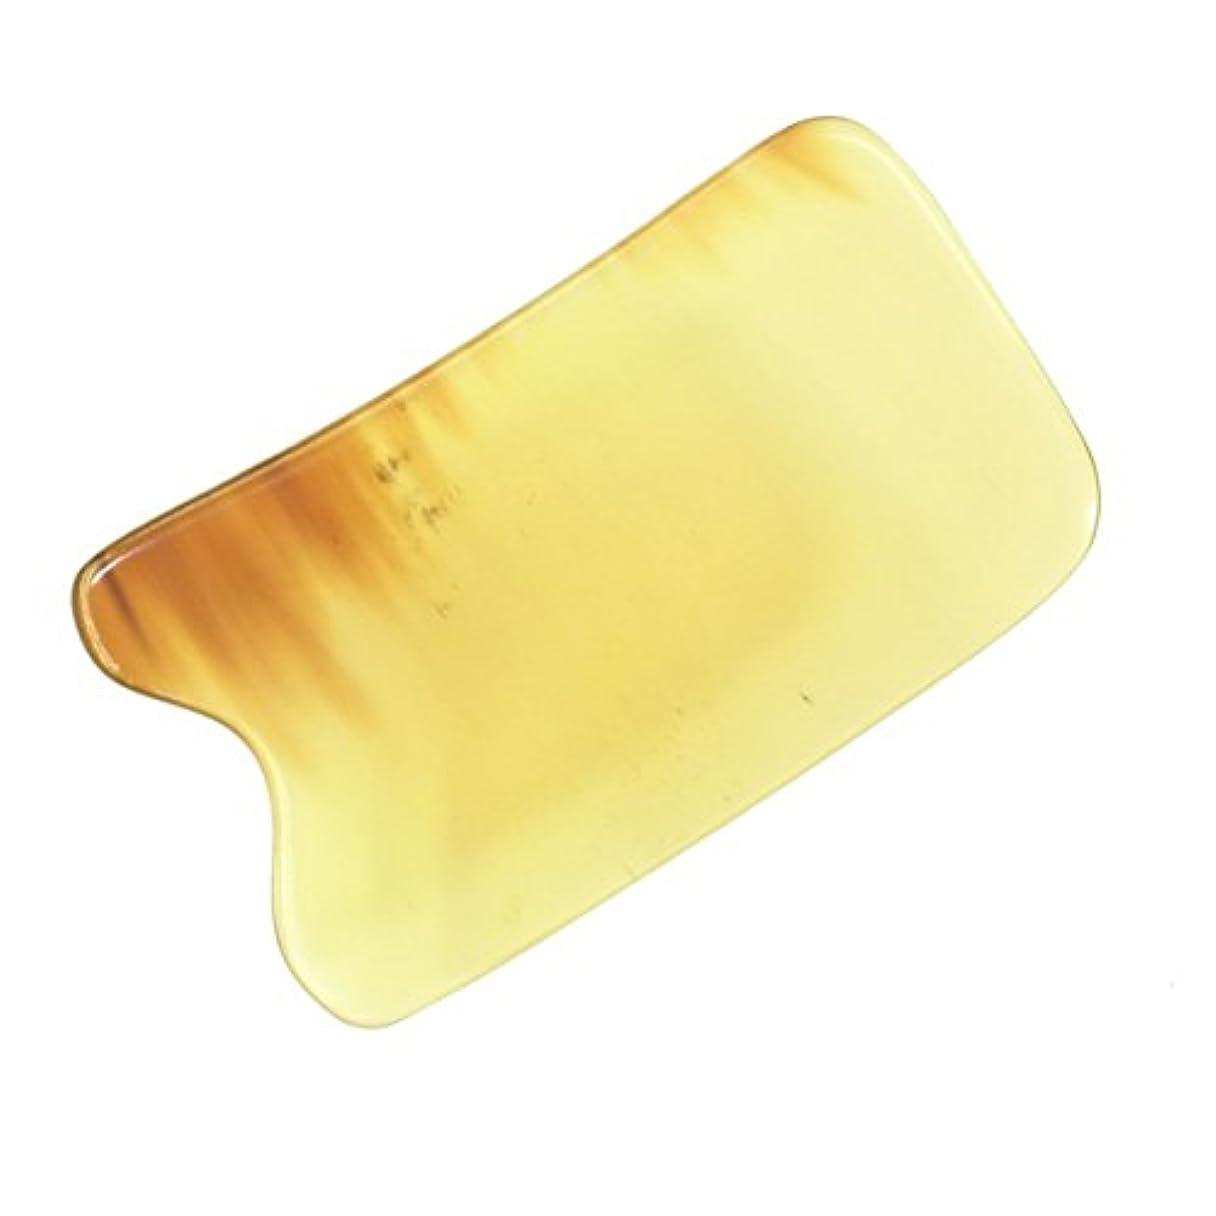 アルファベット順アパート愛されし者かっさ プレート 厚さが選べる 水牛の角(黄水牛角) EHE219 四角凹 一般品 少し薄め (4ミリ程度)